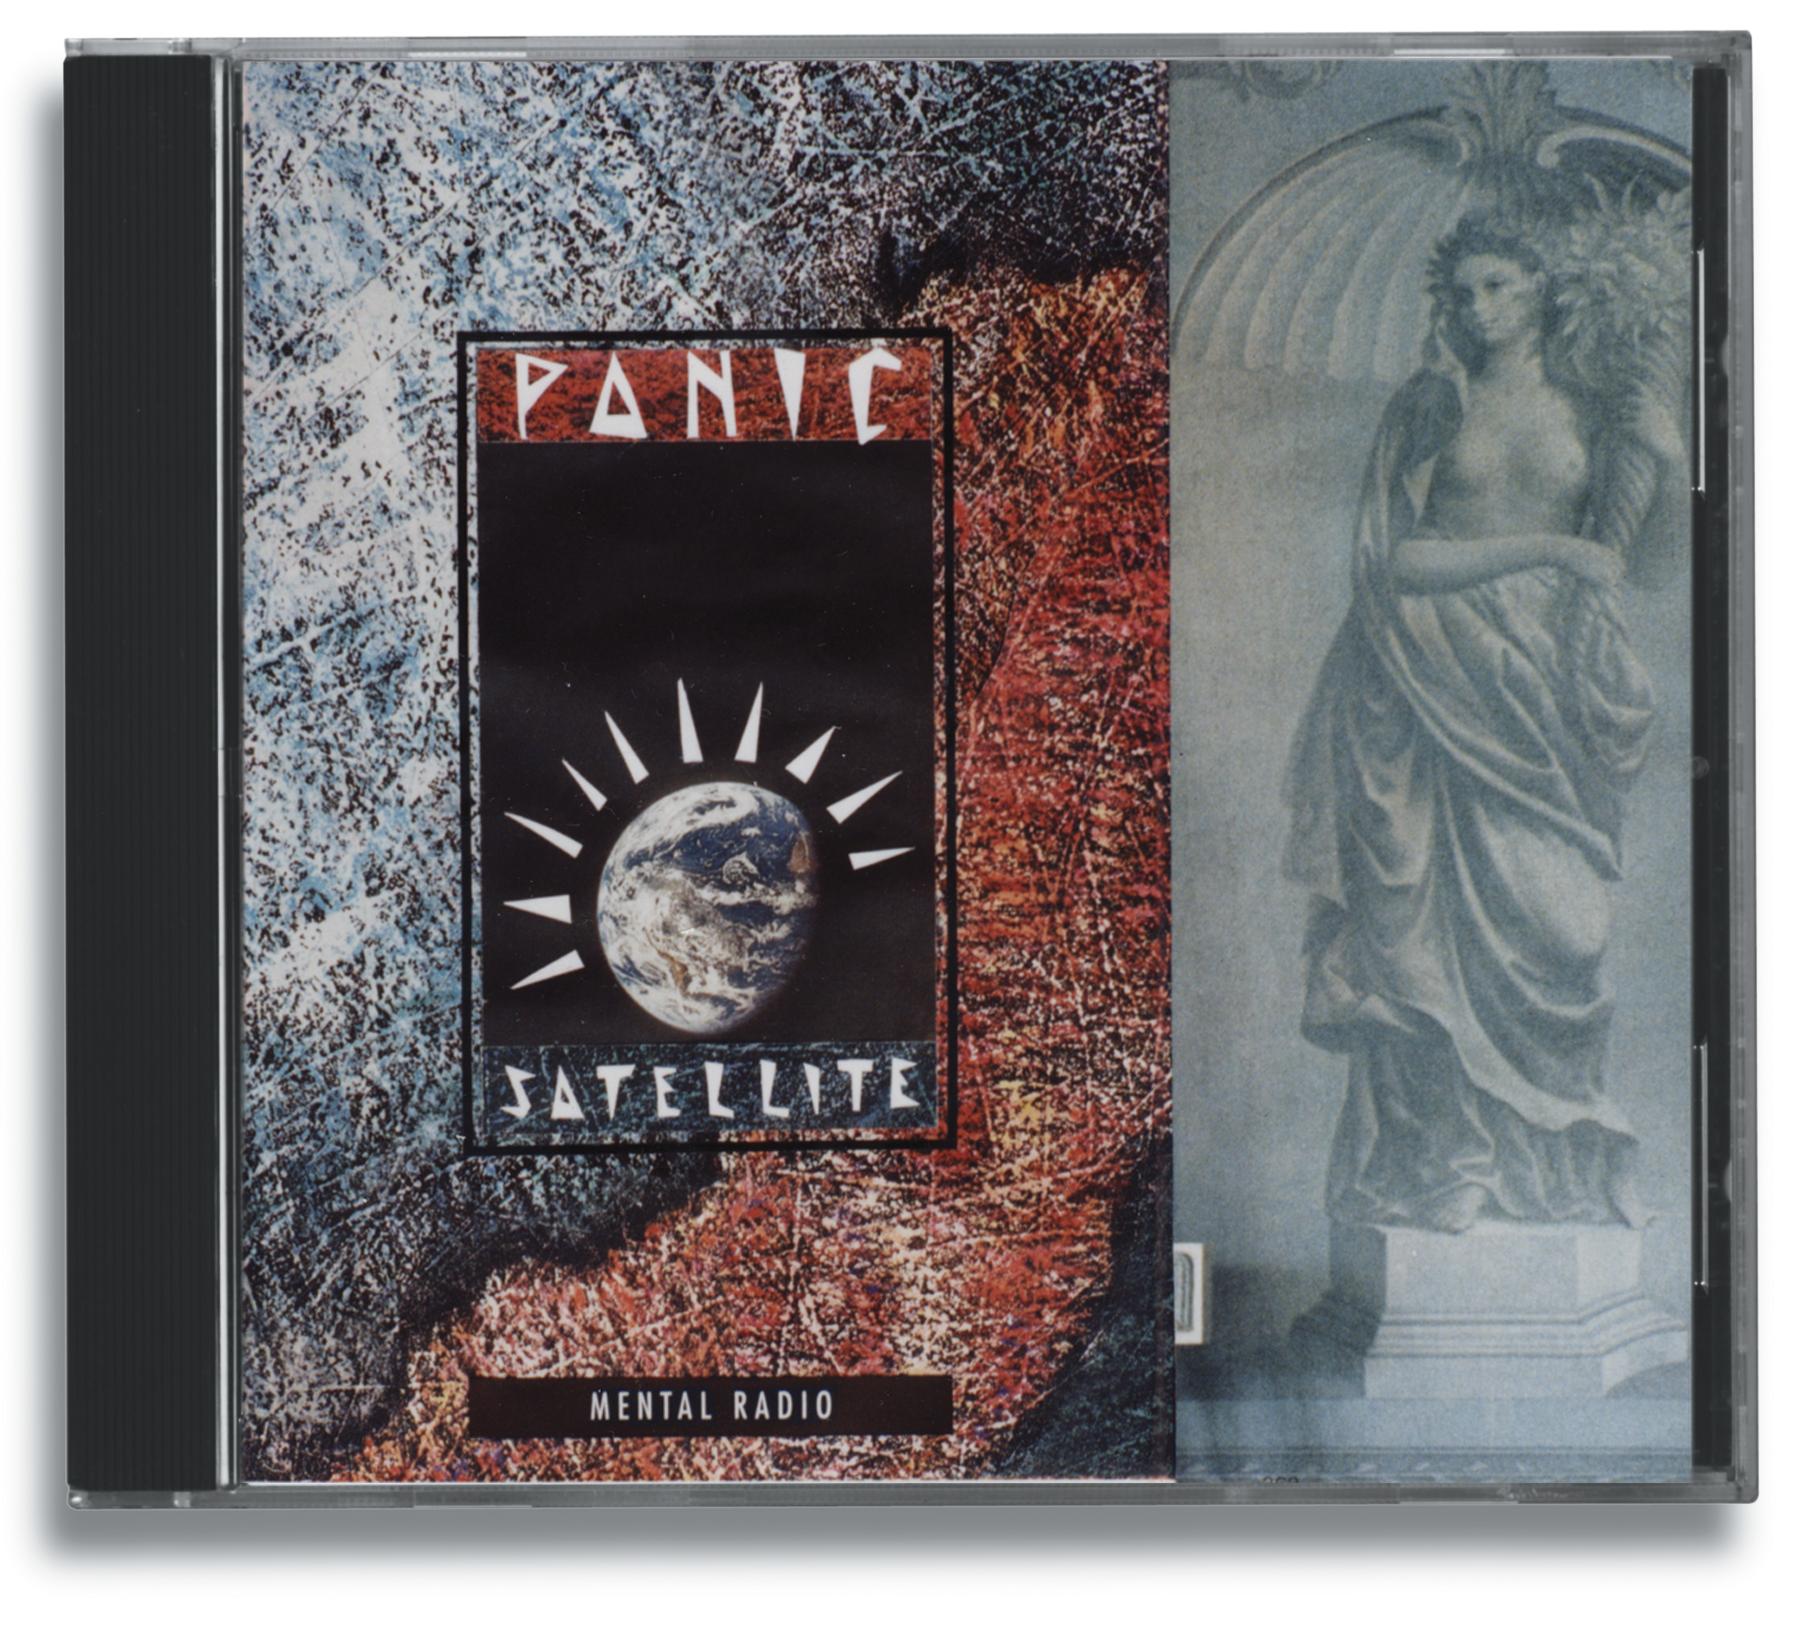 Panic Satellite CD (Mental Radio #3)